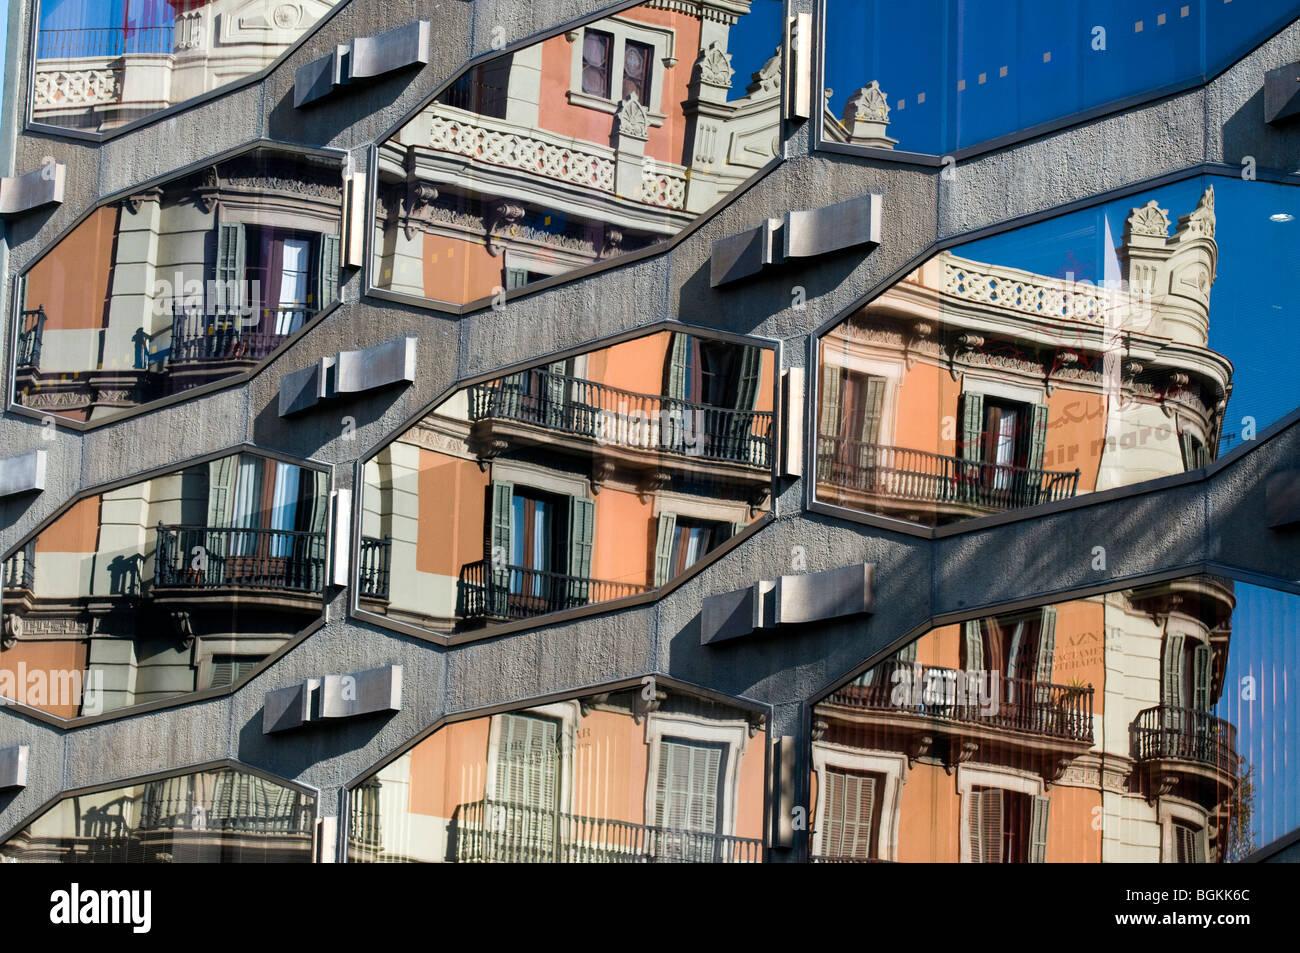 Nuovi e vecchi edifici' riflessione in Plaça de Urquinaona, Barcellona, Catalunya, Spagna Immagini Stock